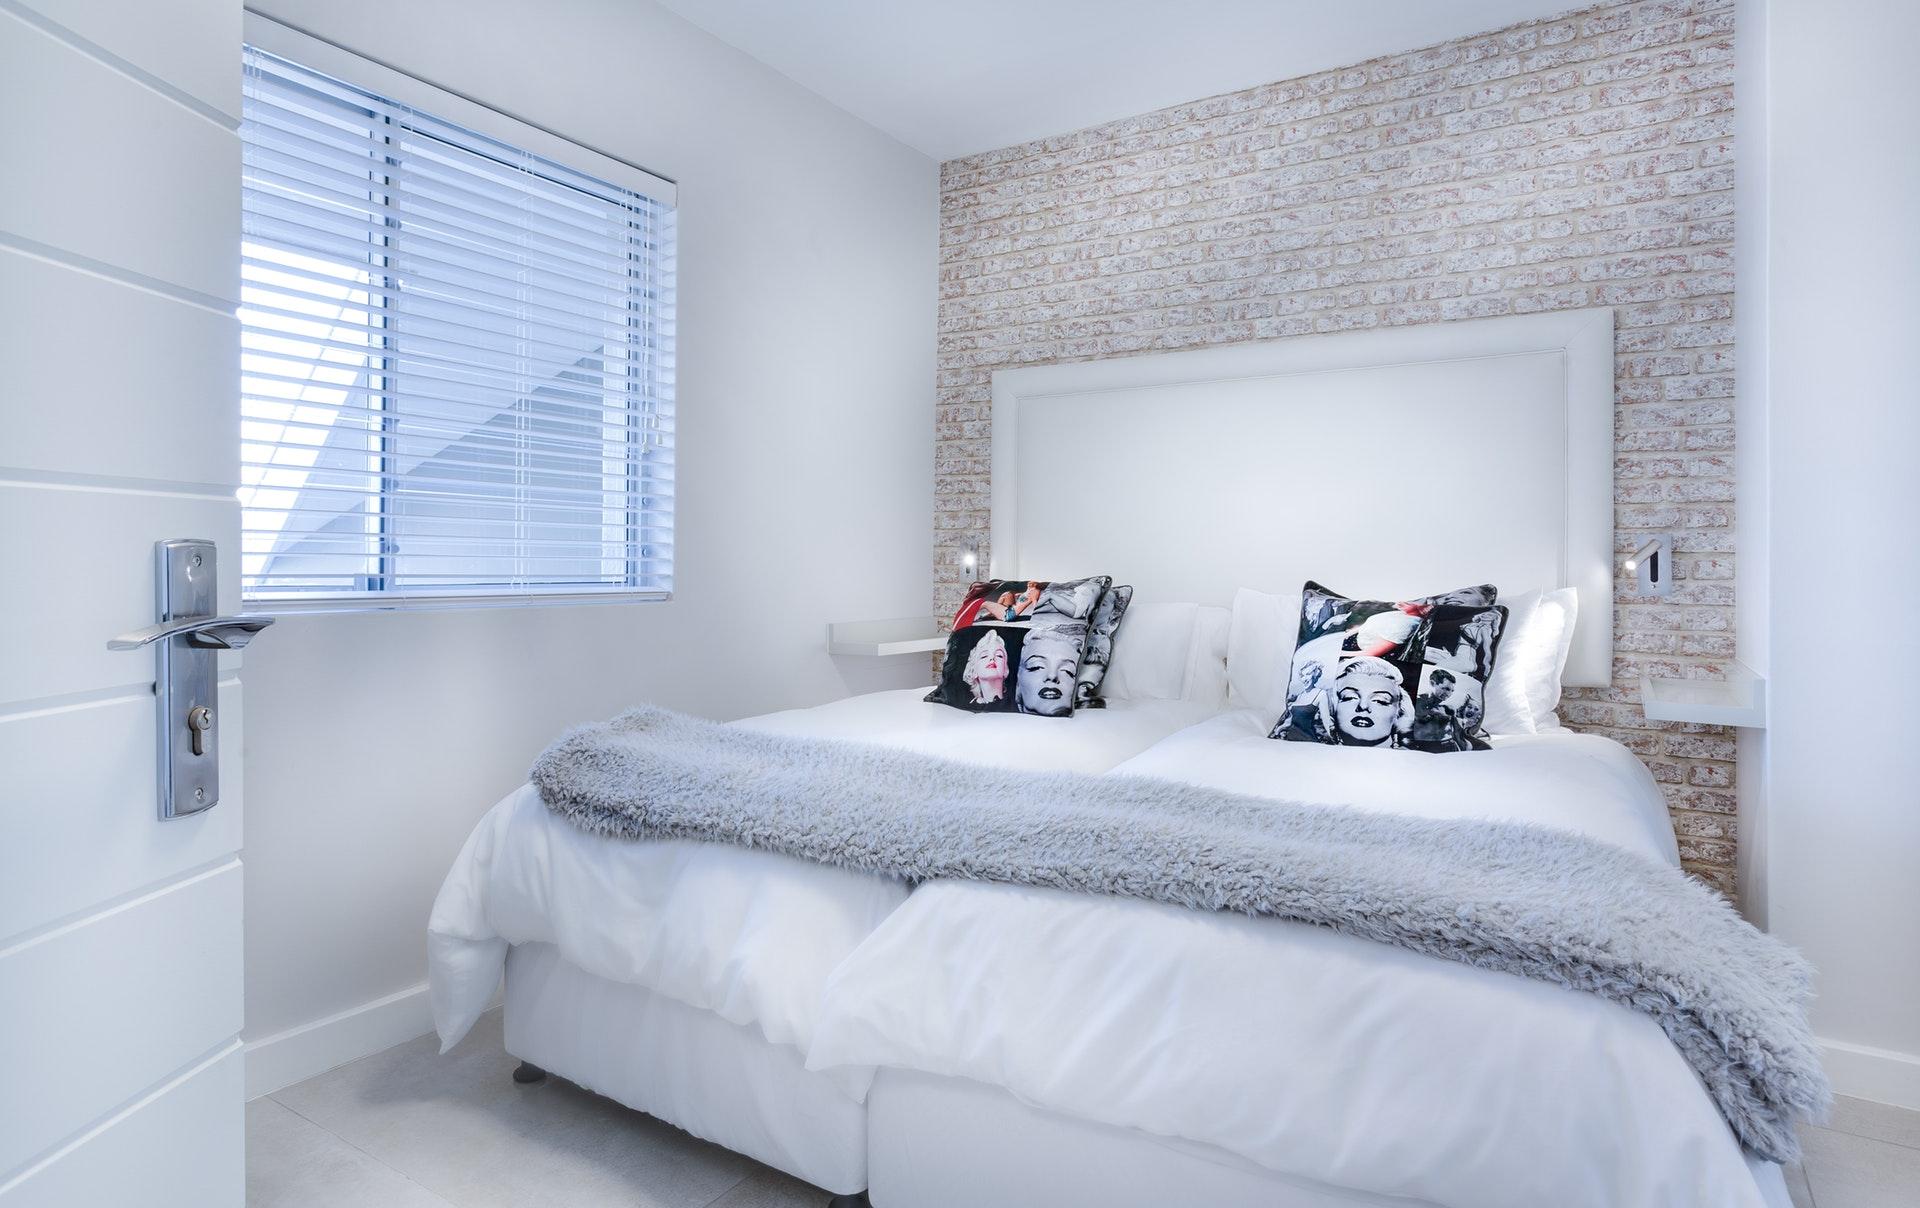 bed-bedroom-blanket-1457845